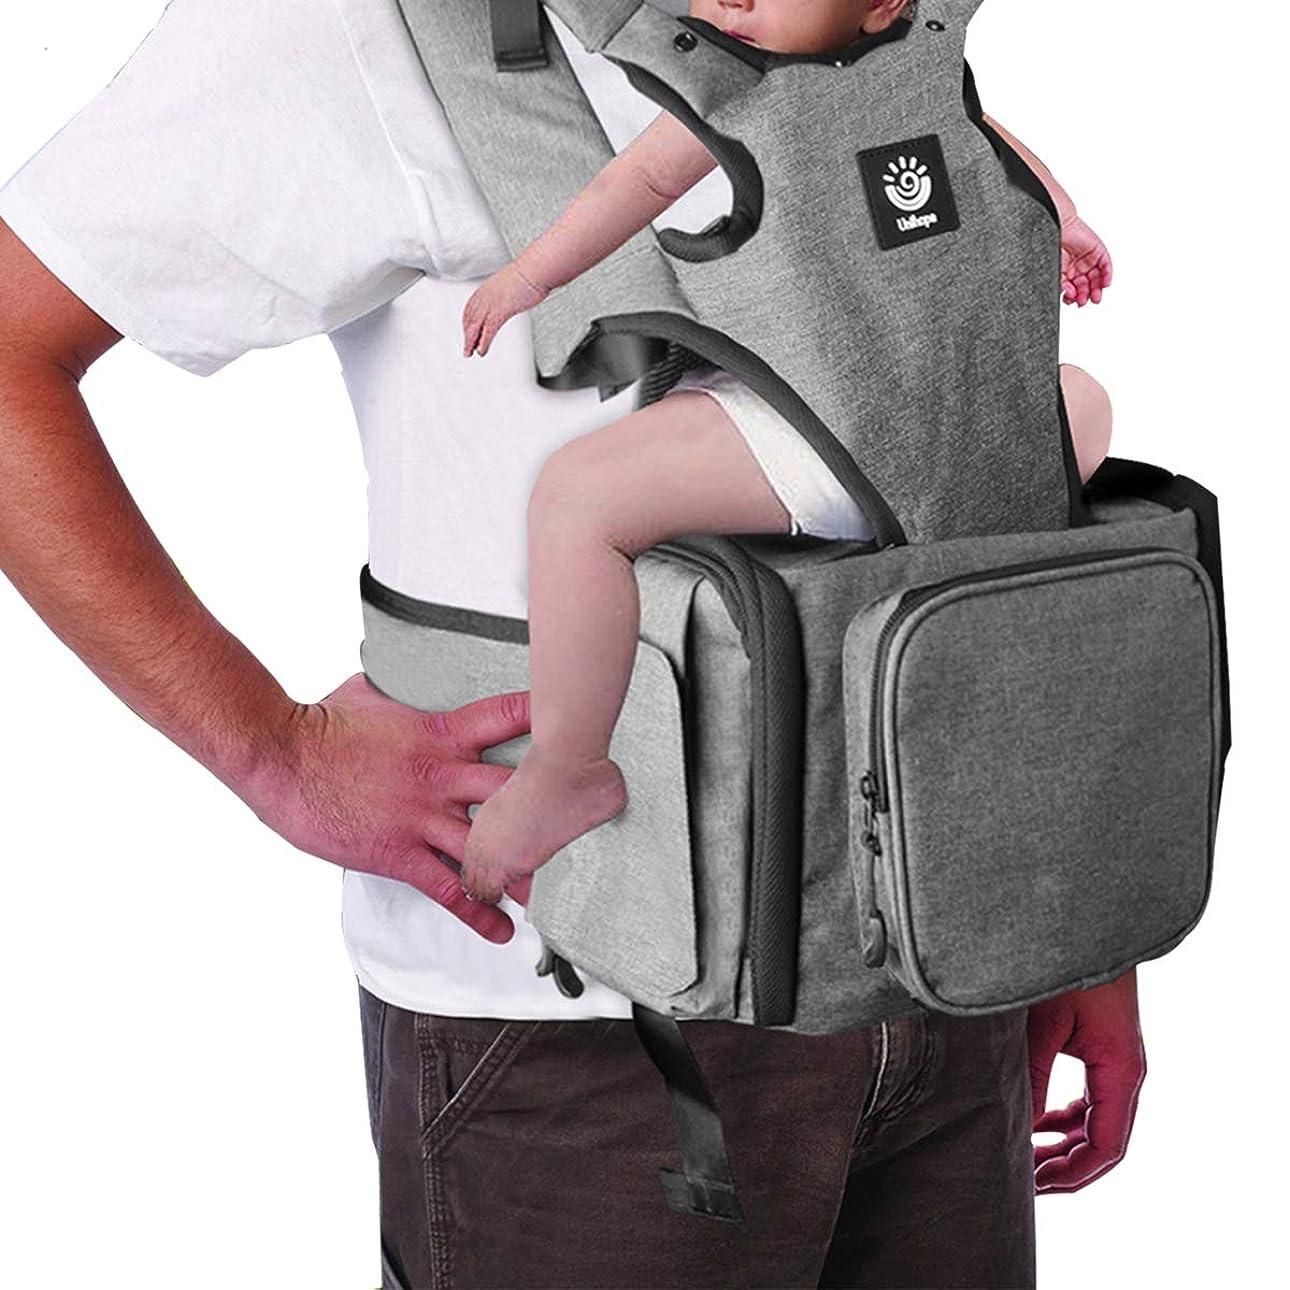 本合図属性ベビーキャリア ベビー多機能キャリアバッグ ストレージ/防水/日よけ帽子デザイン 赤ちゃんの旅行や赤ちゃんの授乳に